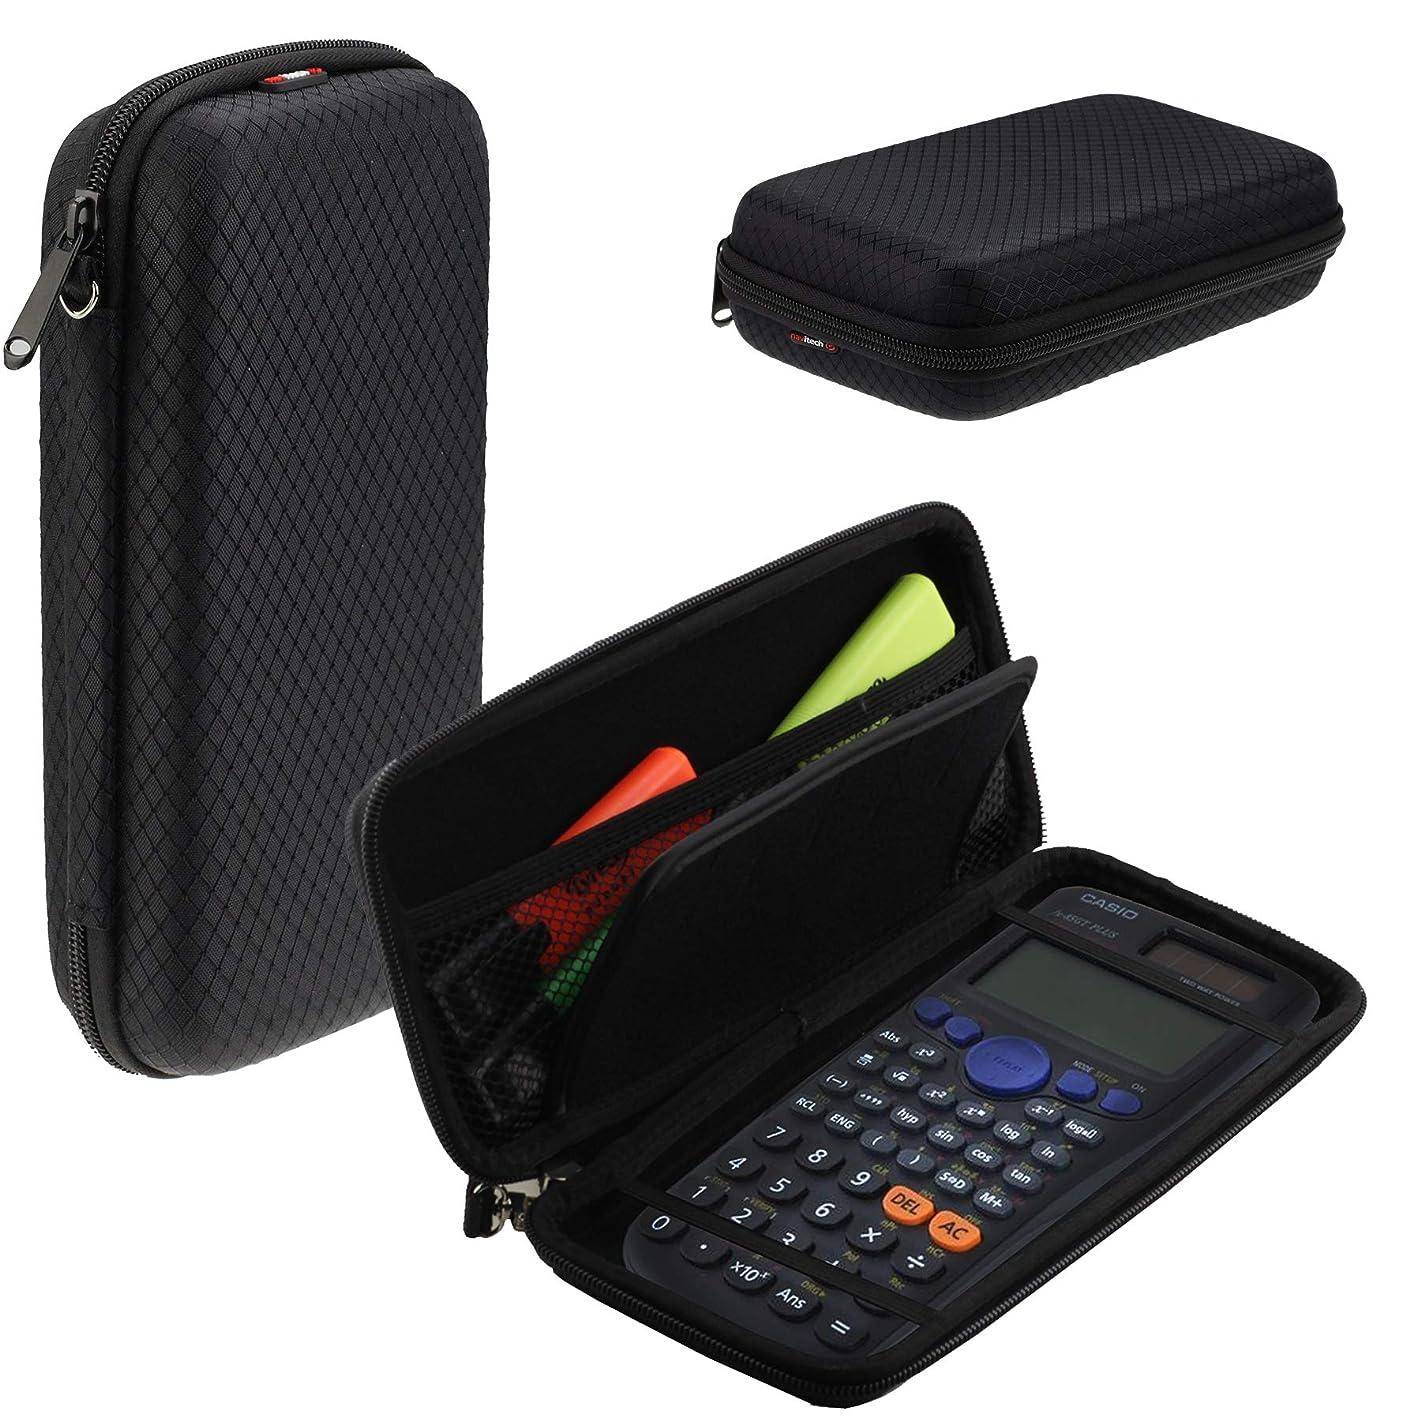 幻滅一ペニーNavitech ブラック グラフィック 電卓 ハードケース/カバー 収納ポーチ付き Texas TI82STATS 82ST/TBL/2E8 TI-82